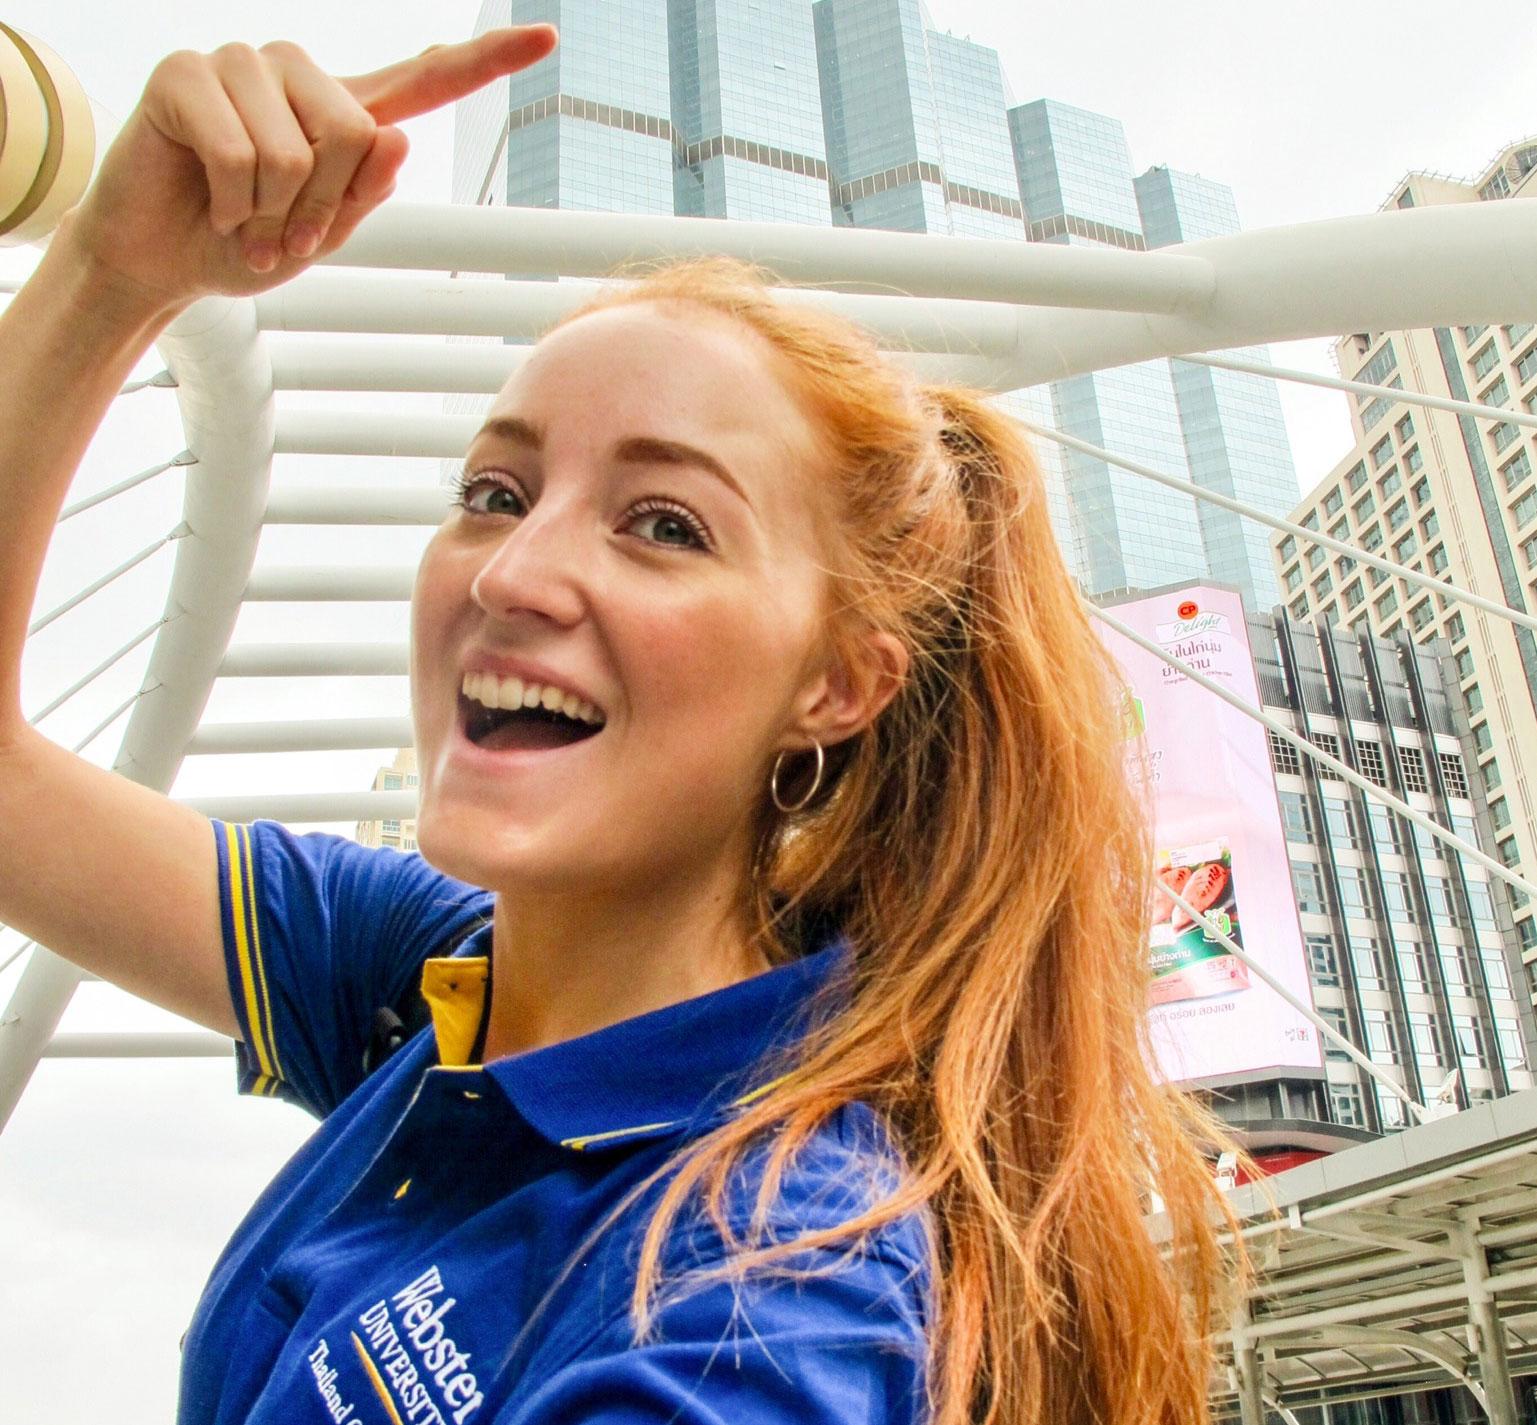 ella studieophold bangkok webster university sdu udveksling erhvervsokonomi